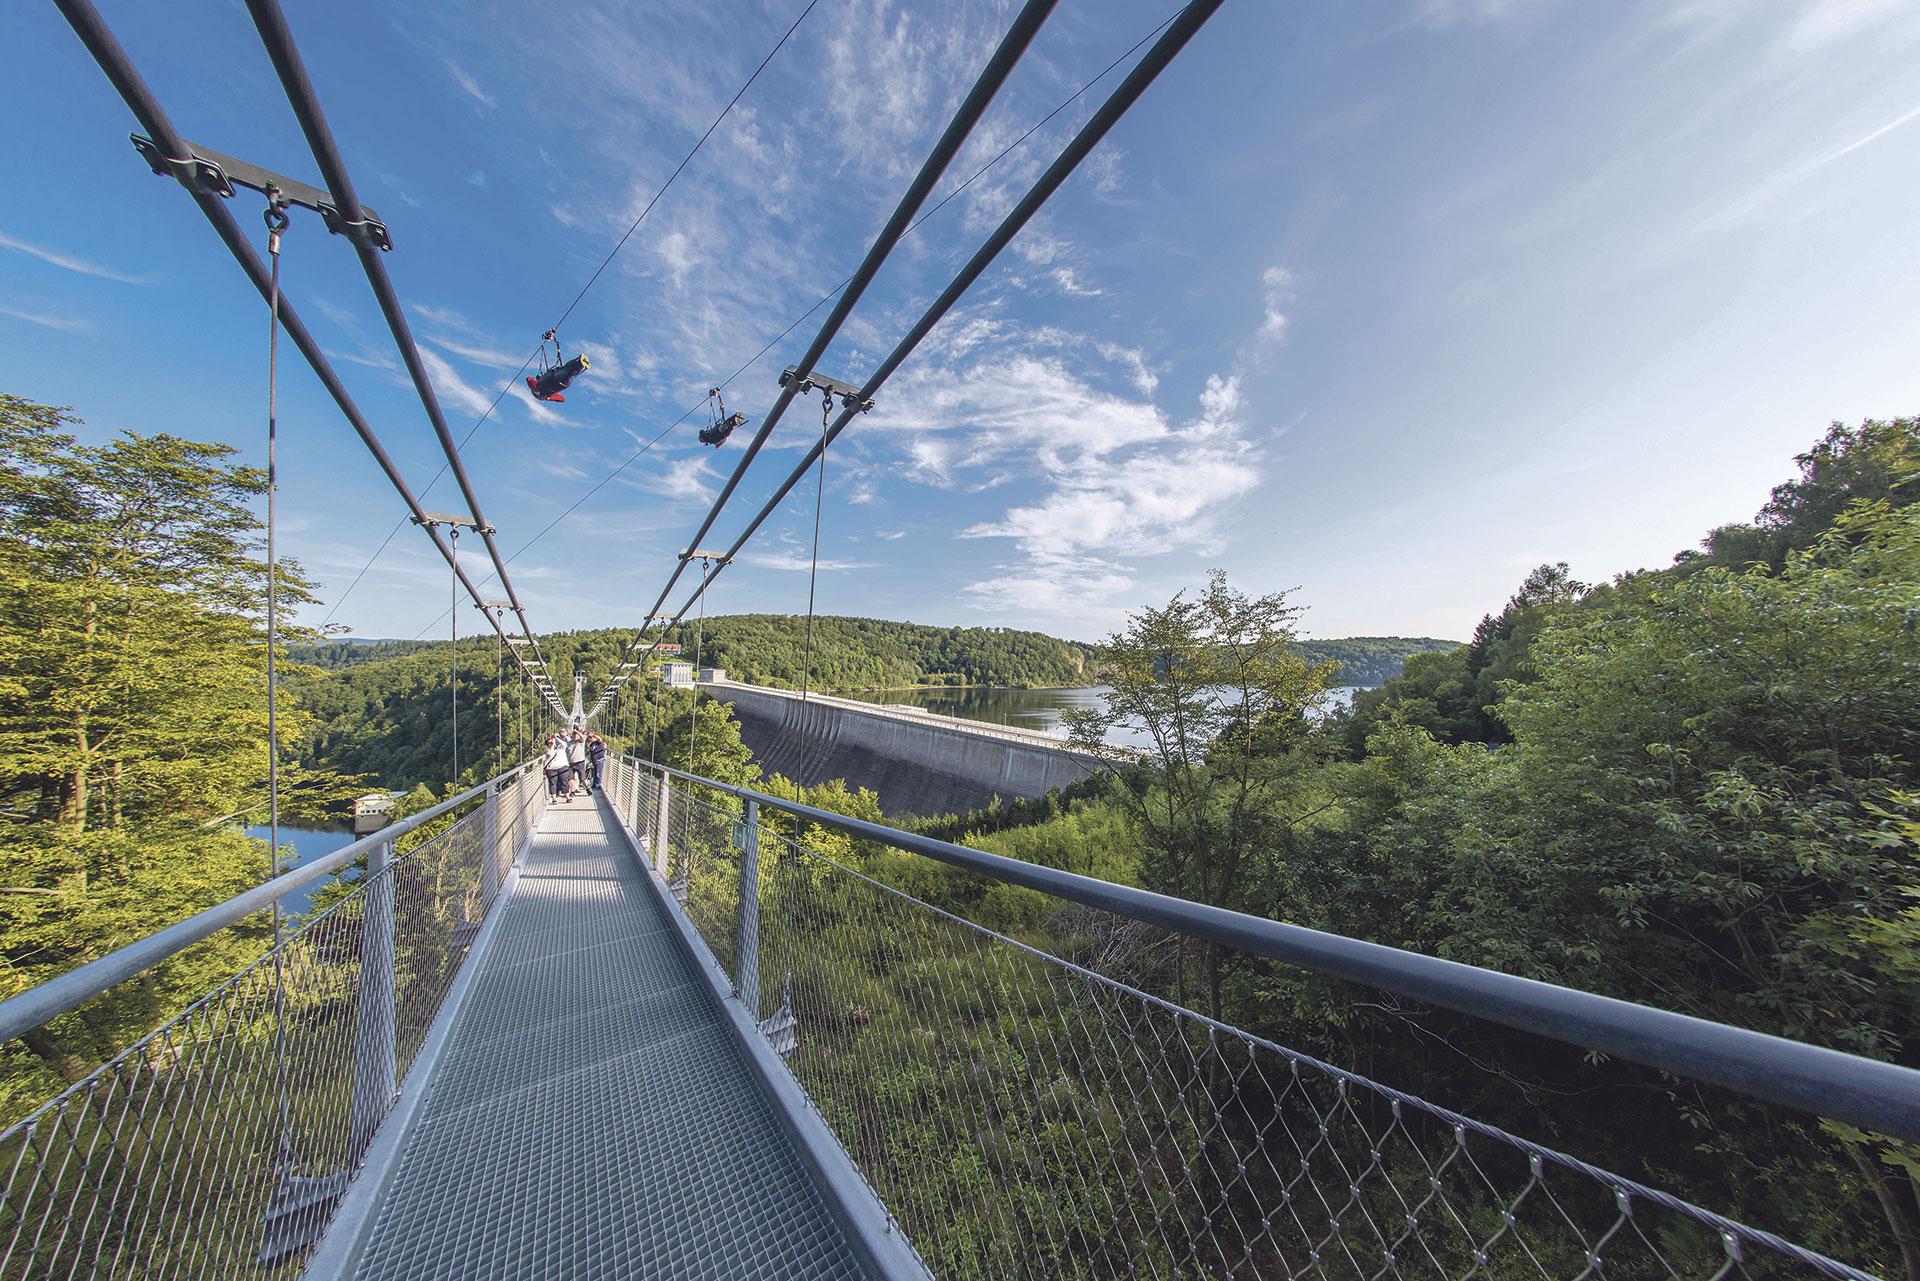 Hängebrücke©Jan-Reichel